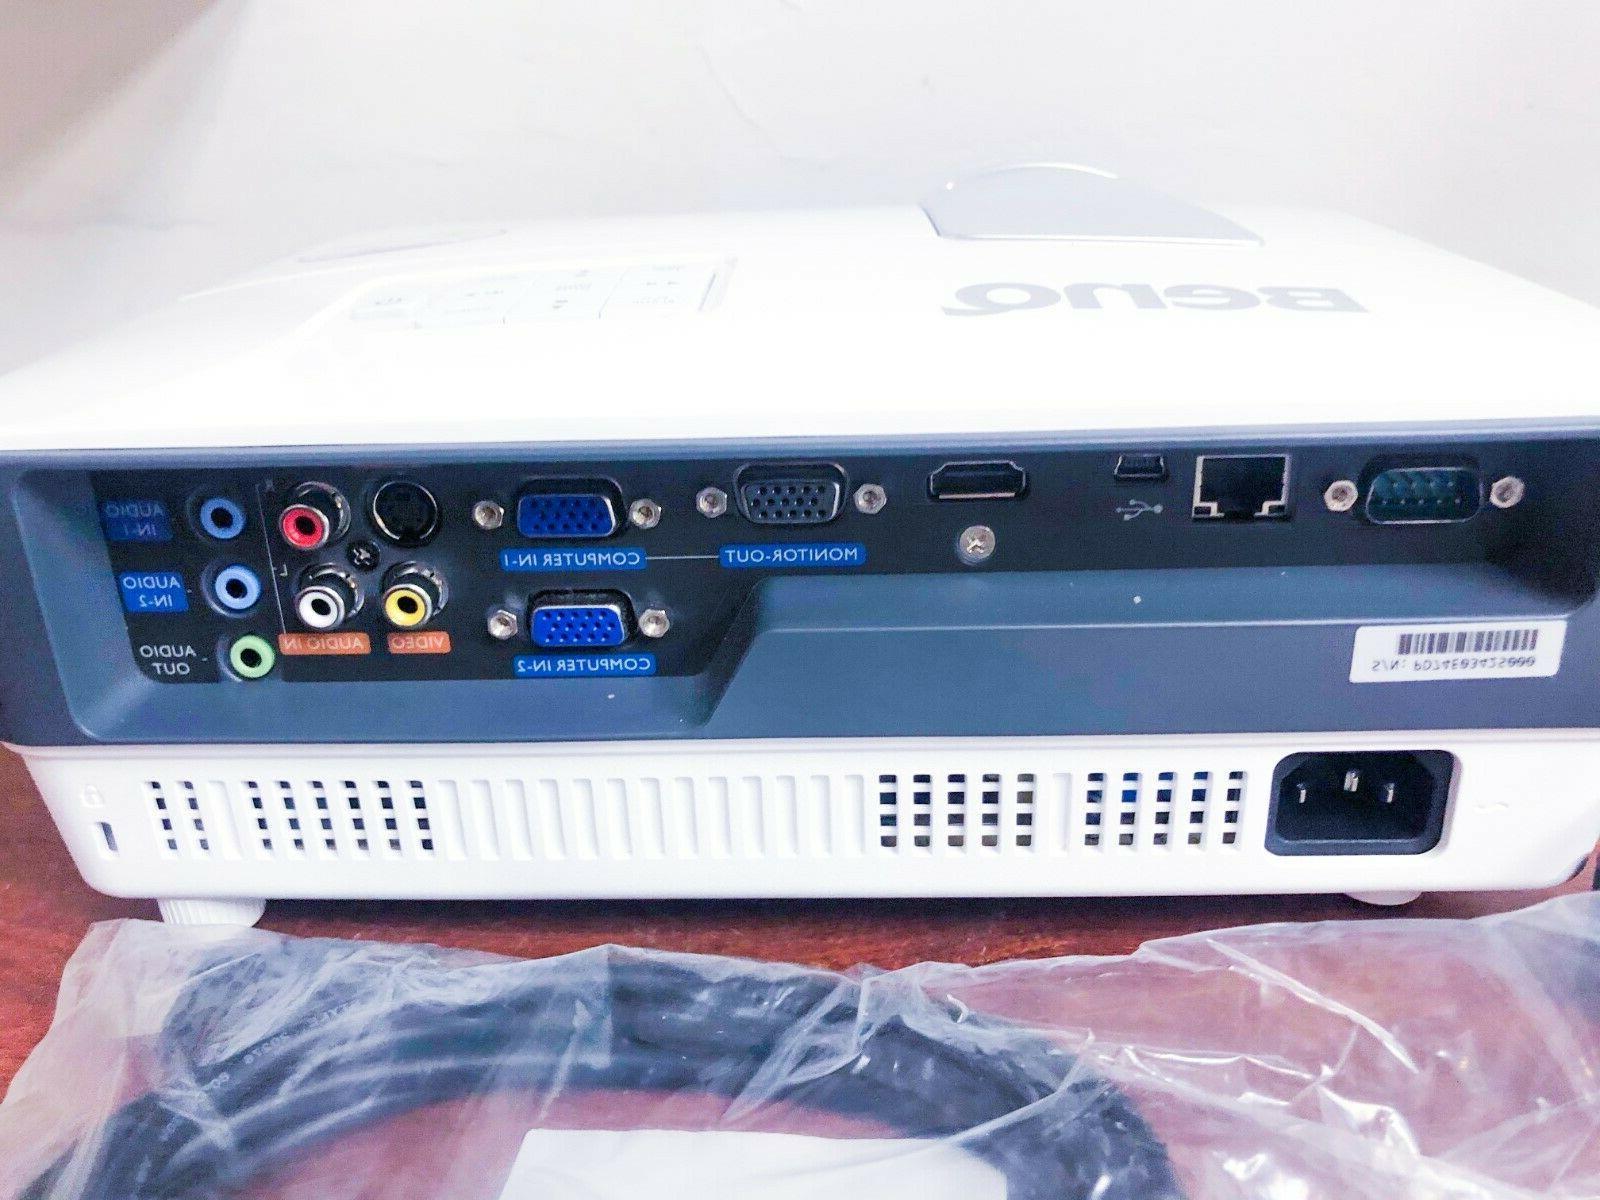 BenQ 1080p/60 HDMI ceiling 3000 LUMEN